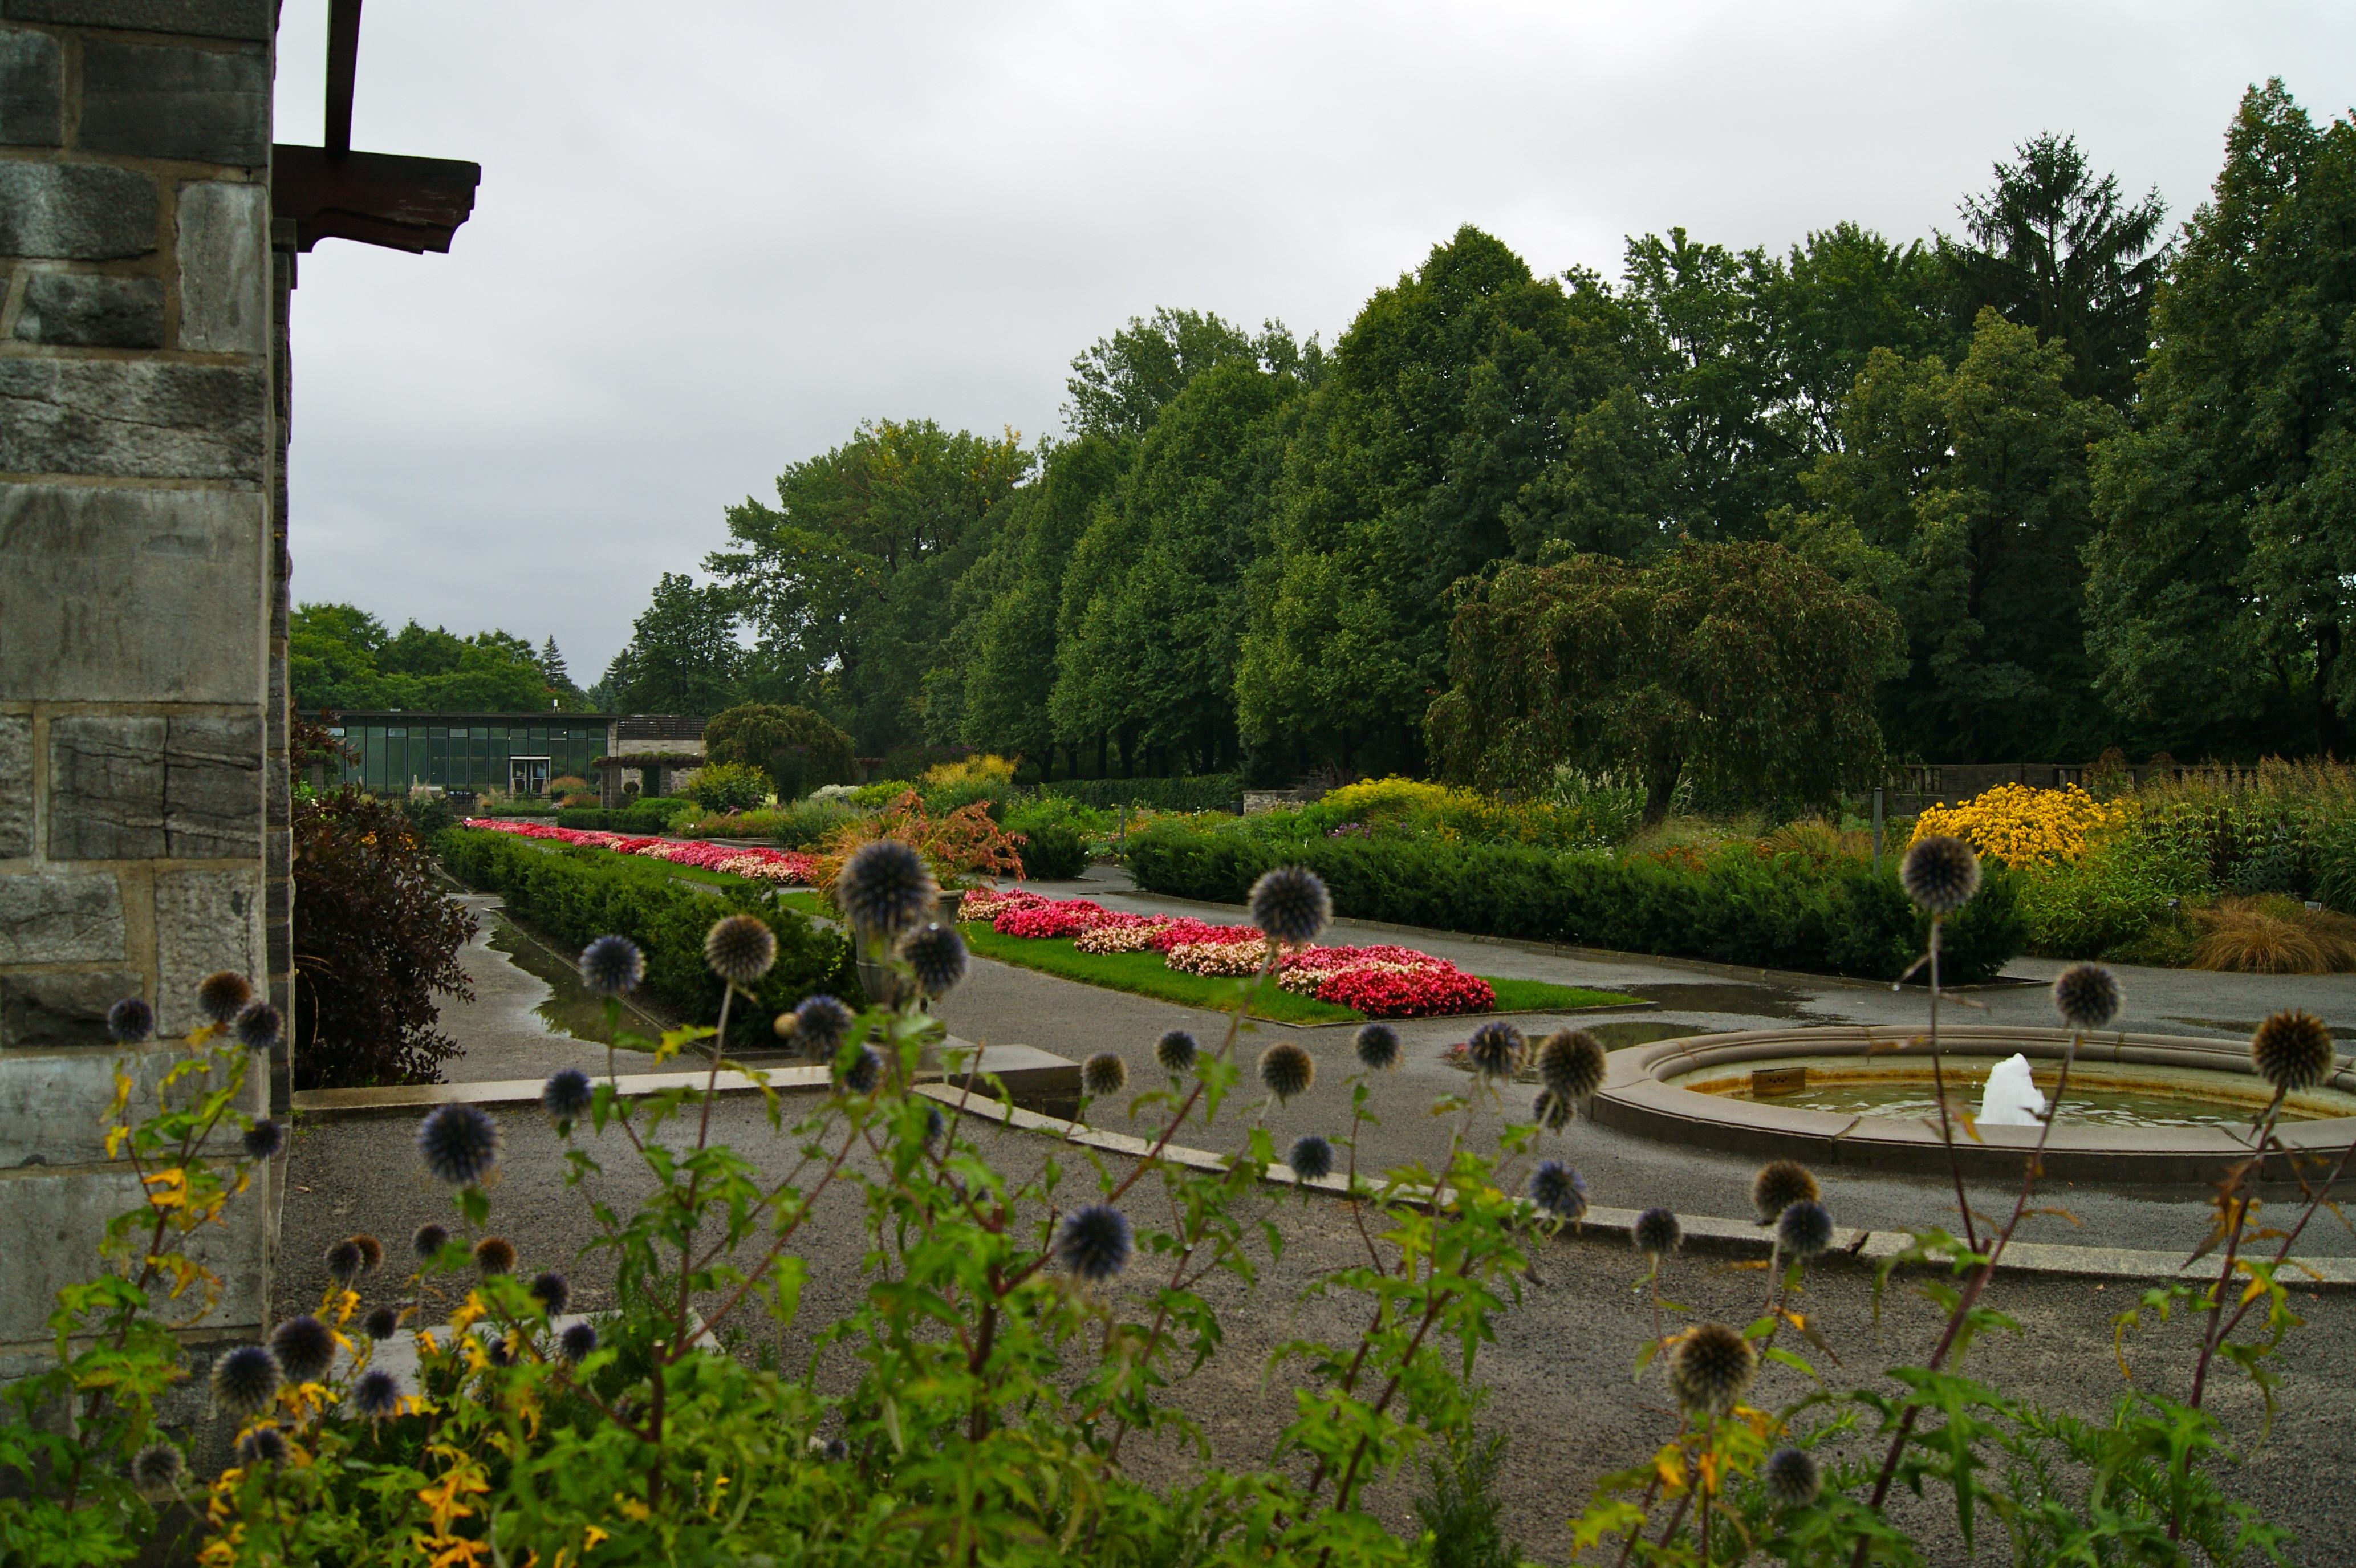 Montr al et son jardin botanique eclat de soi for Jardin botanique montreal 2016